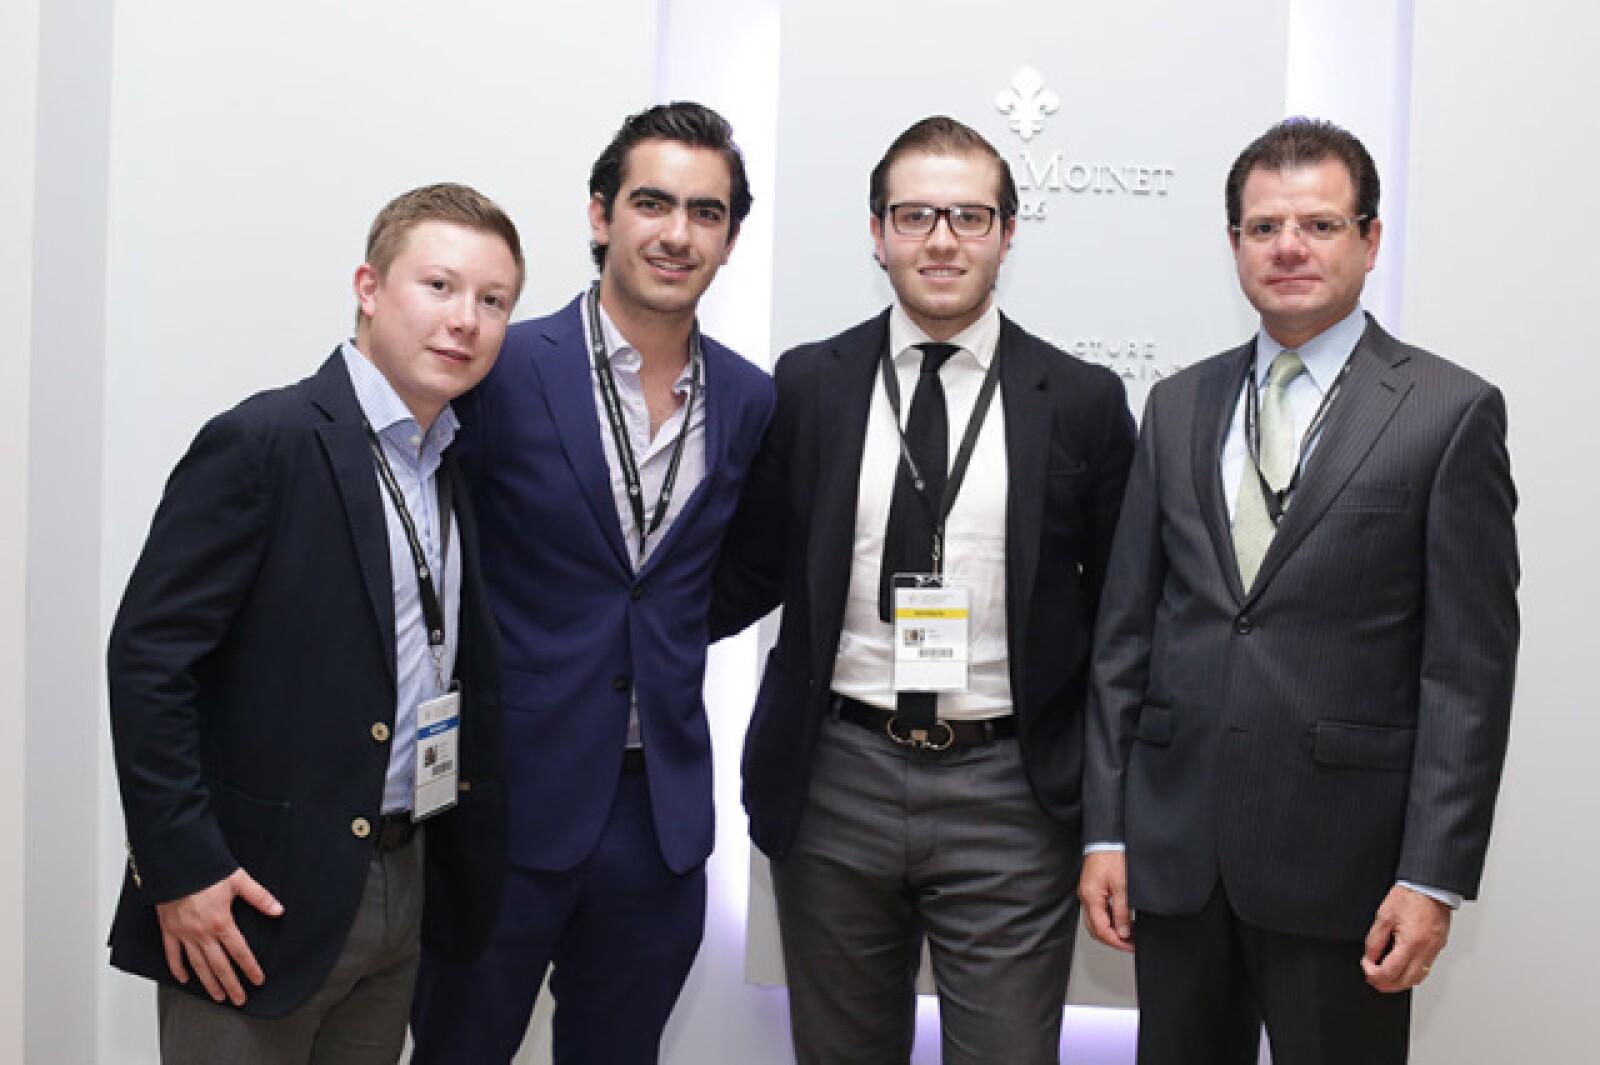 Rodrigo Lozano,José Andrés González,Íñigo Zañudo y Luis Lozano